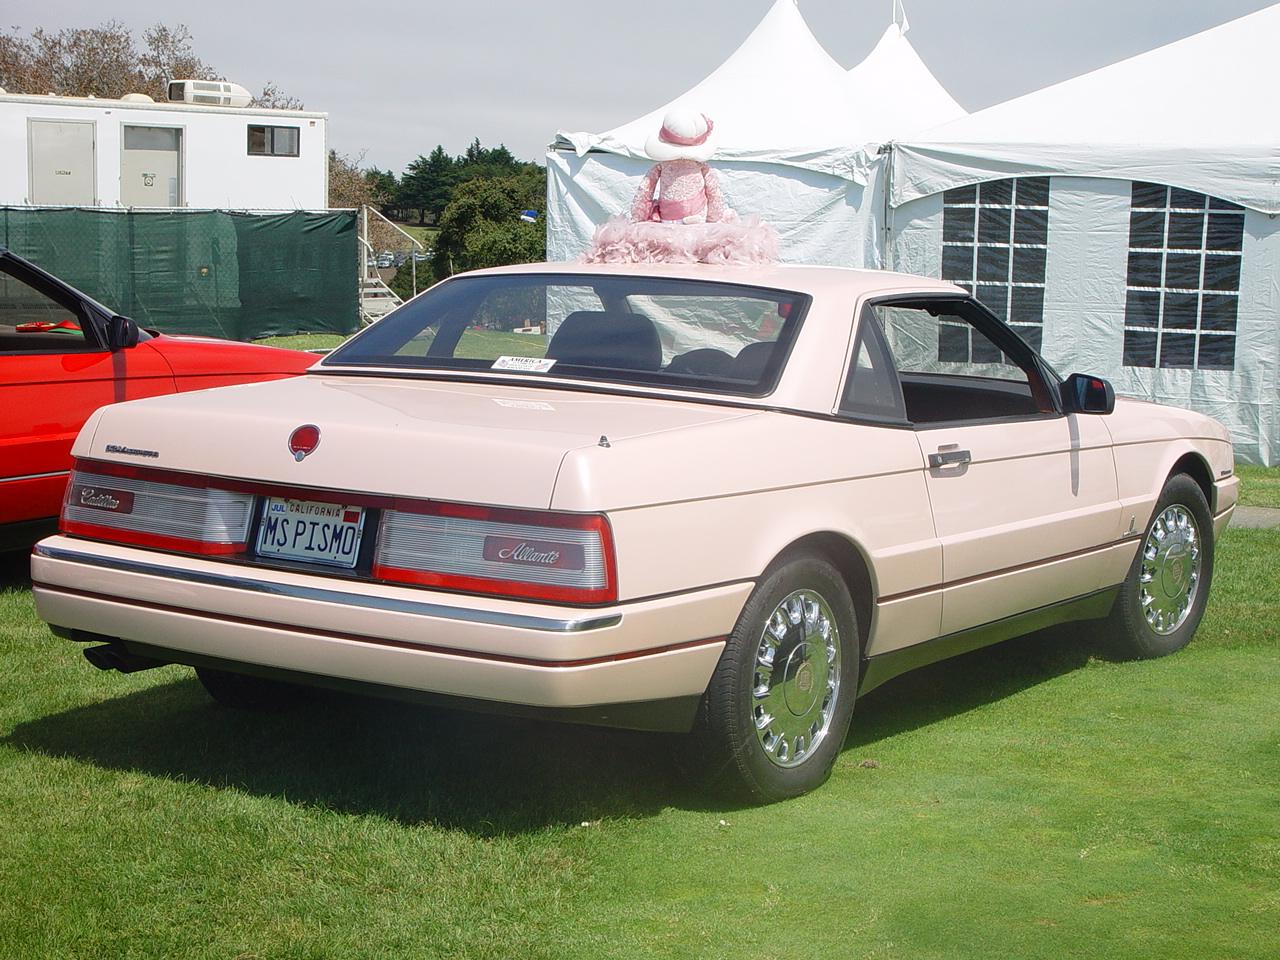 File:Cadillac Allante - Flick - Concorso Italiano 2005.jpg ...